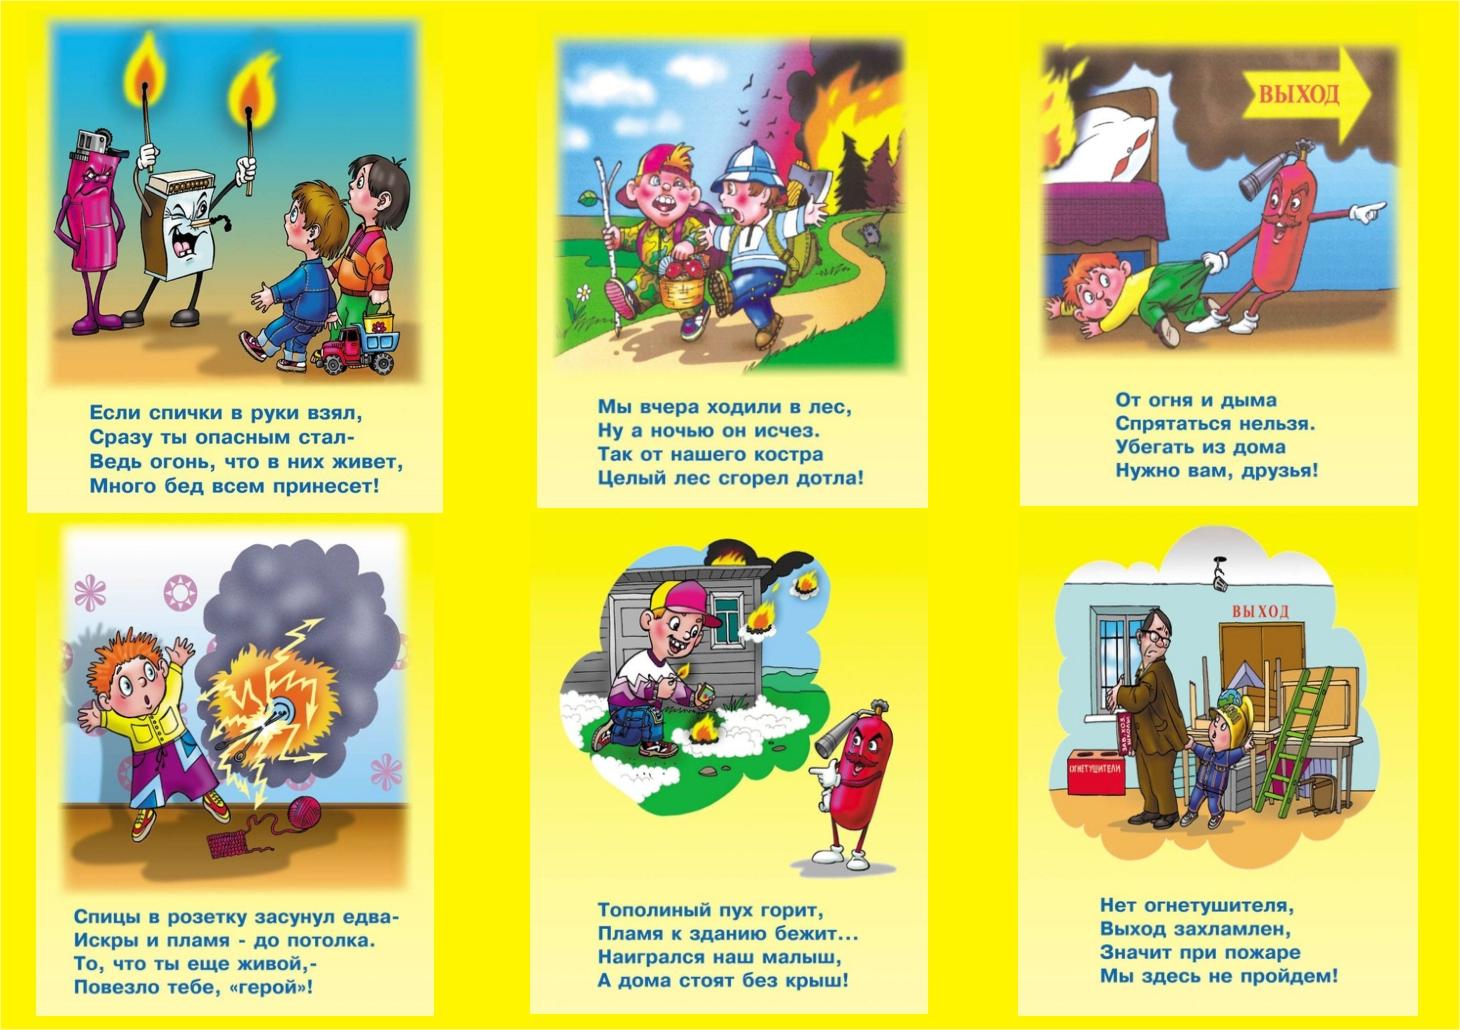 расписание электричек буклет пожарная безопасность правила физическому духовному совершенству